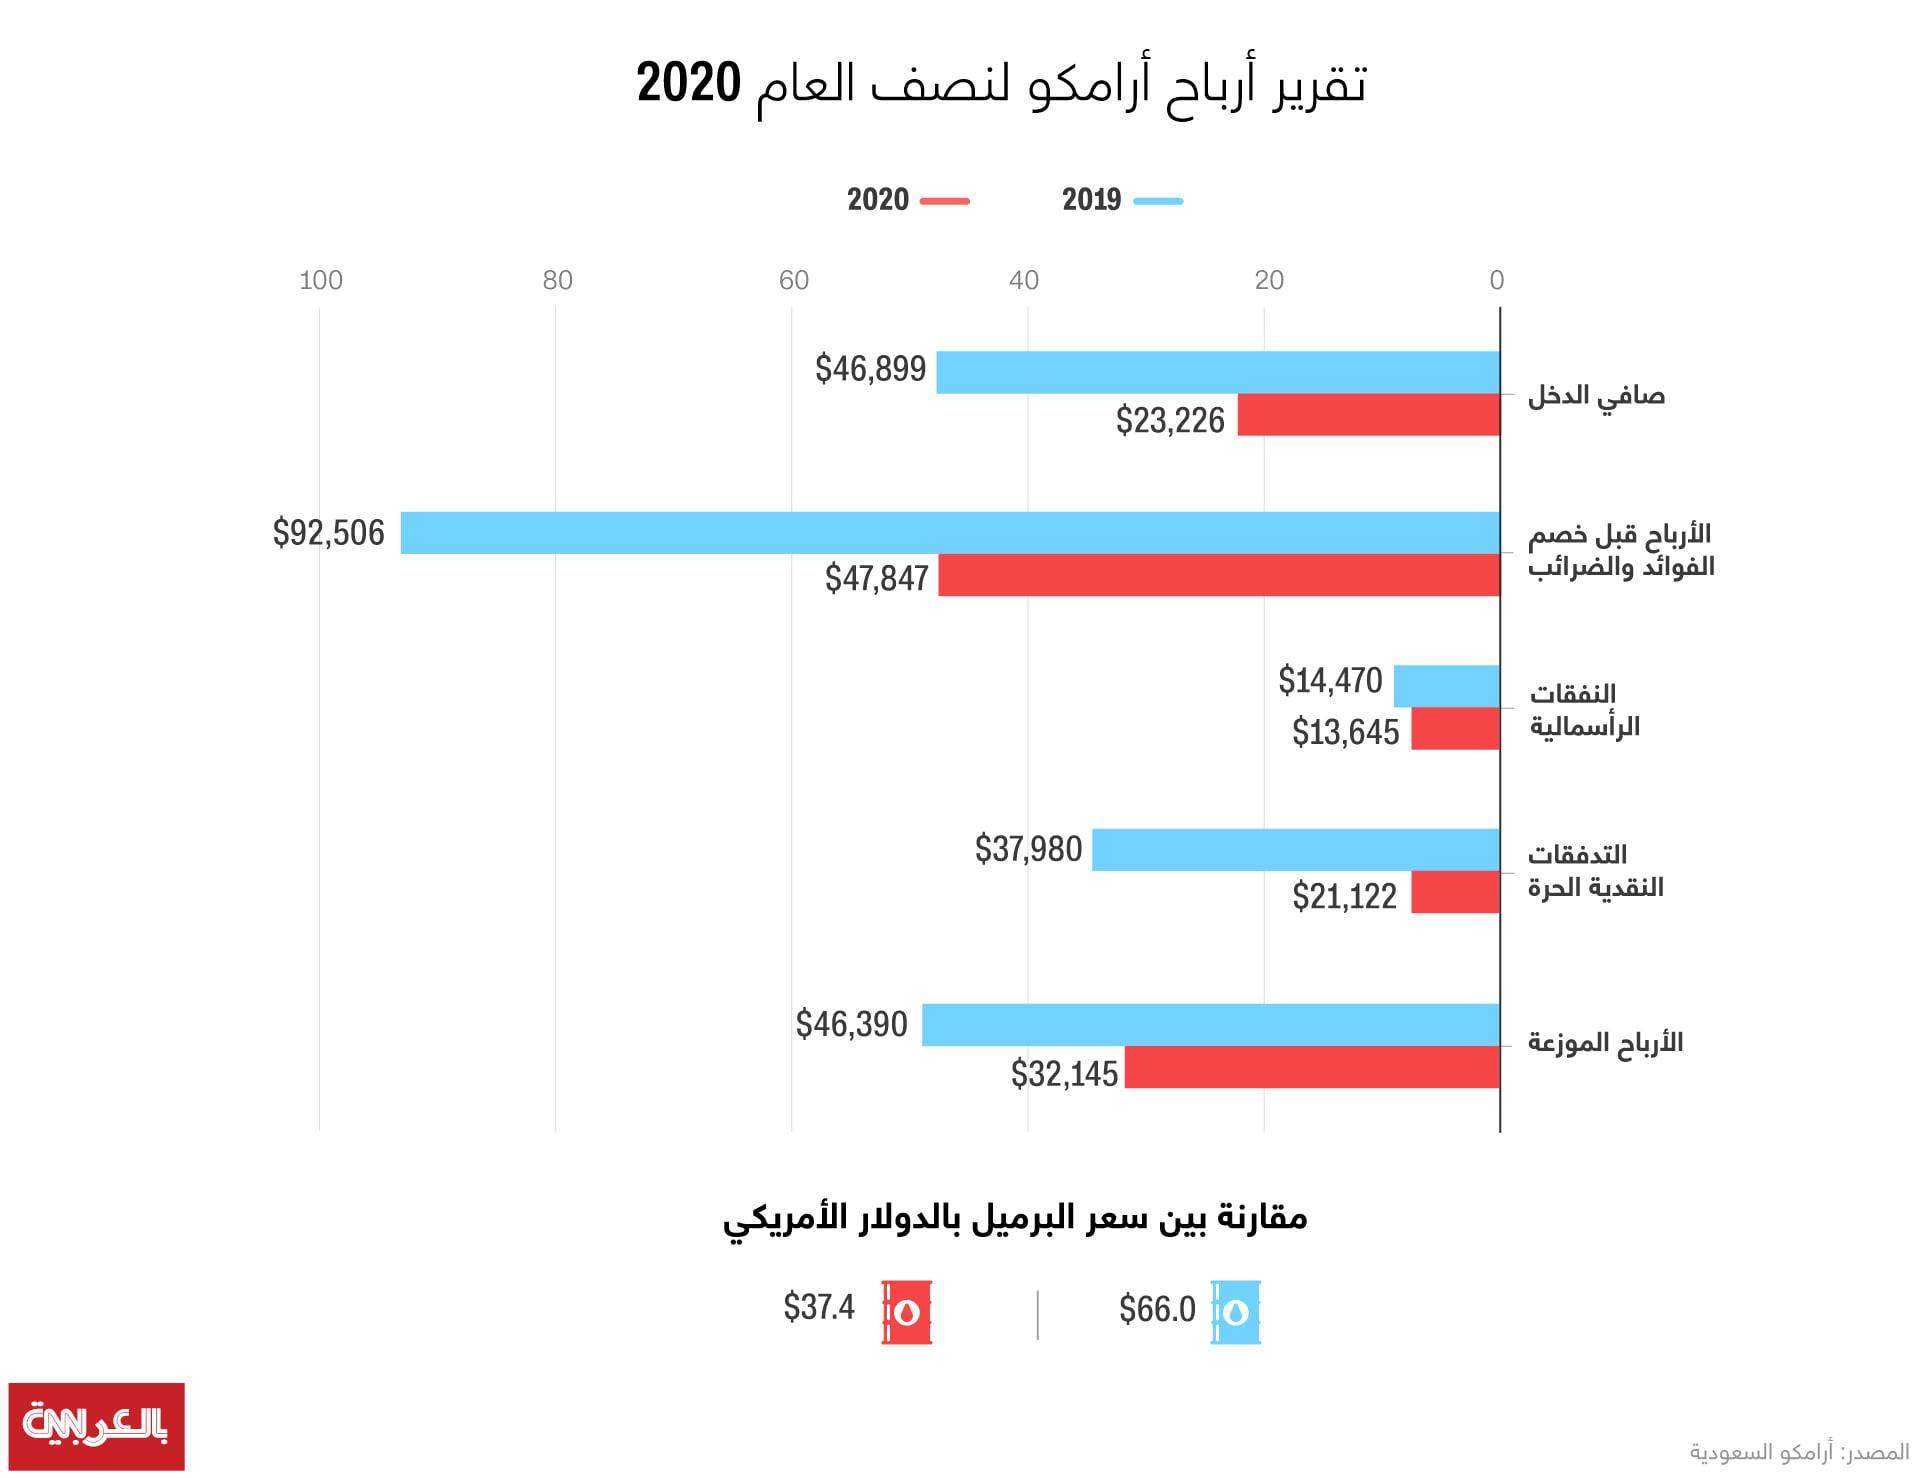 تقرير أرامكو لنصف العام 2020